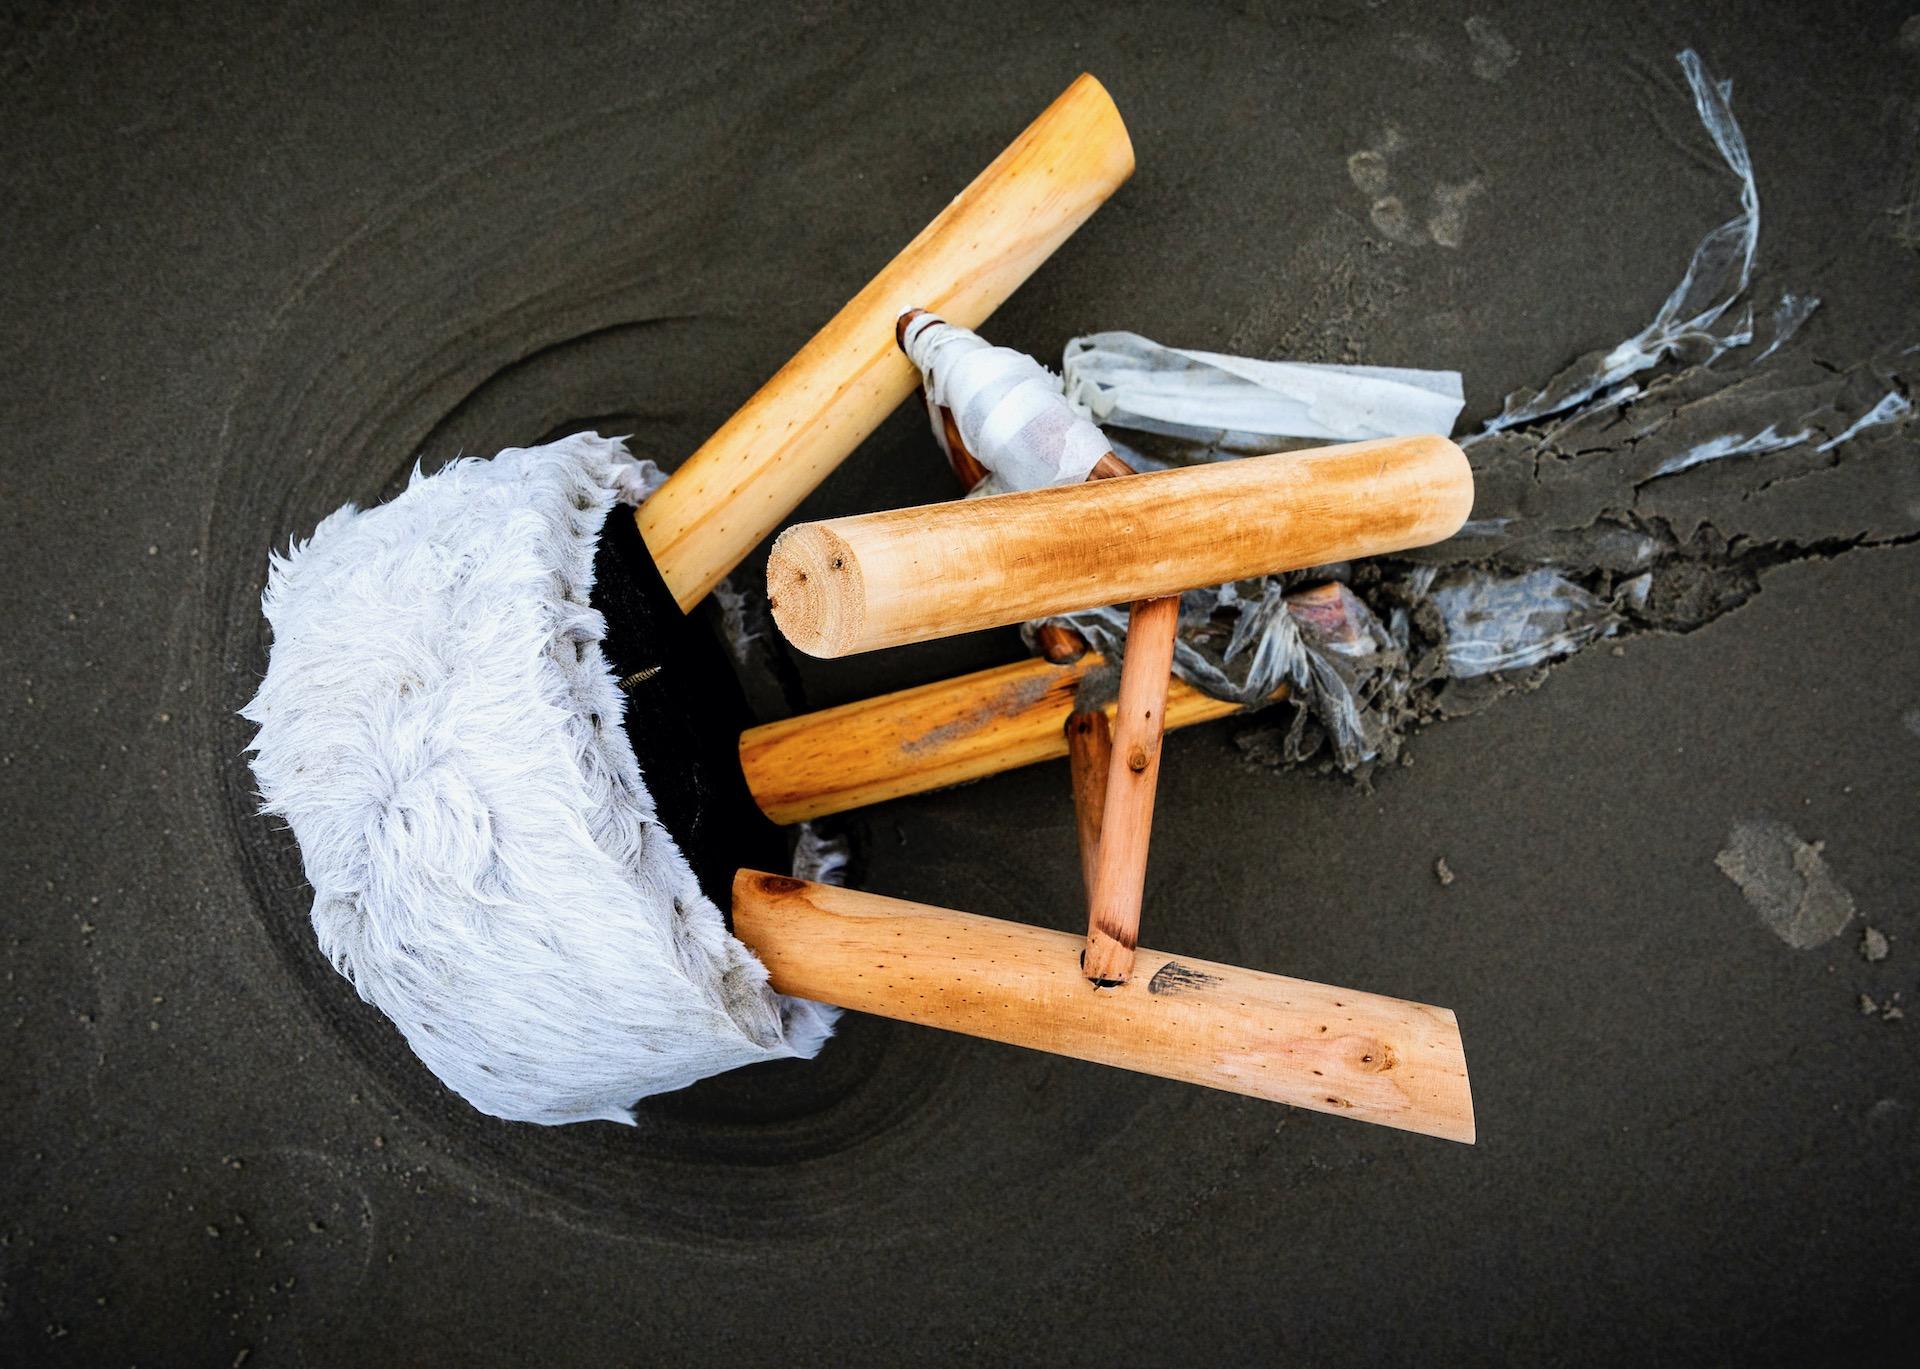 SCHIERMONNIKOOG - Spullen op het strand die zijn aangespoeld nadat het vrachtschip MSC Zoe 270 containers was verloren.